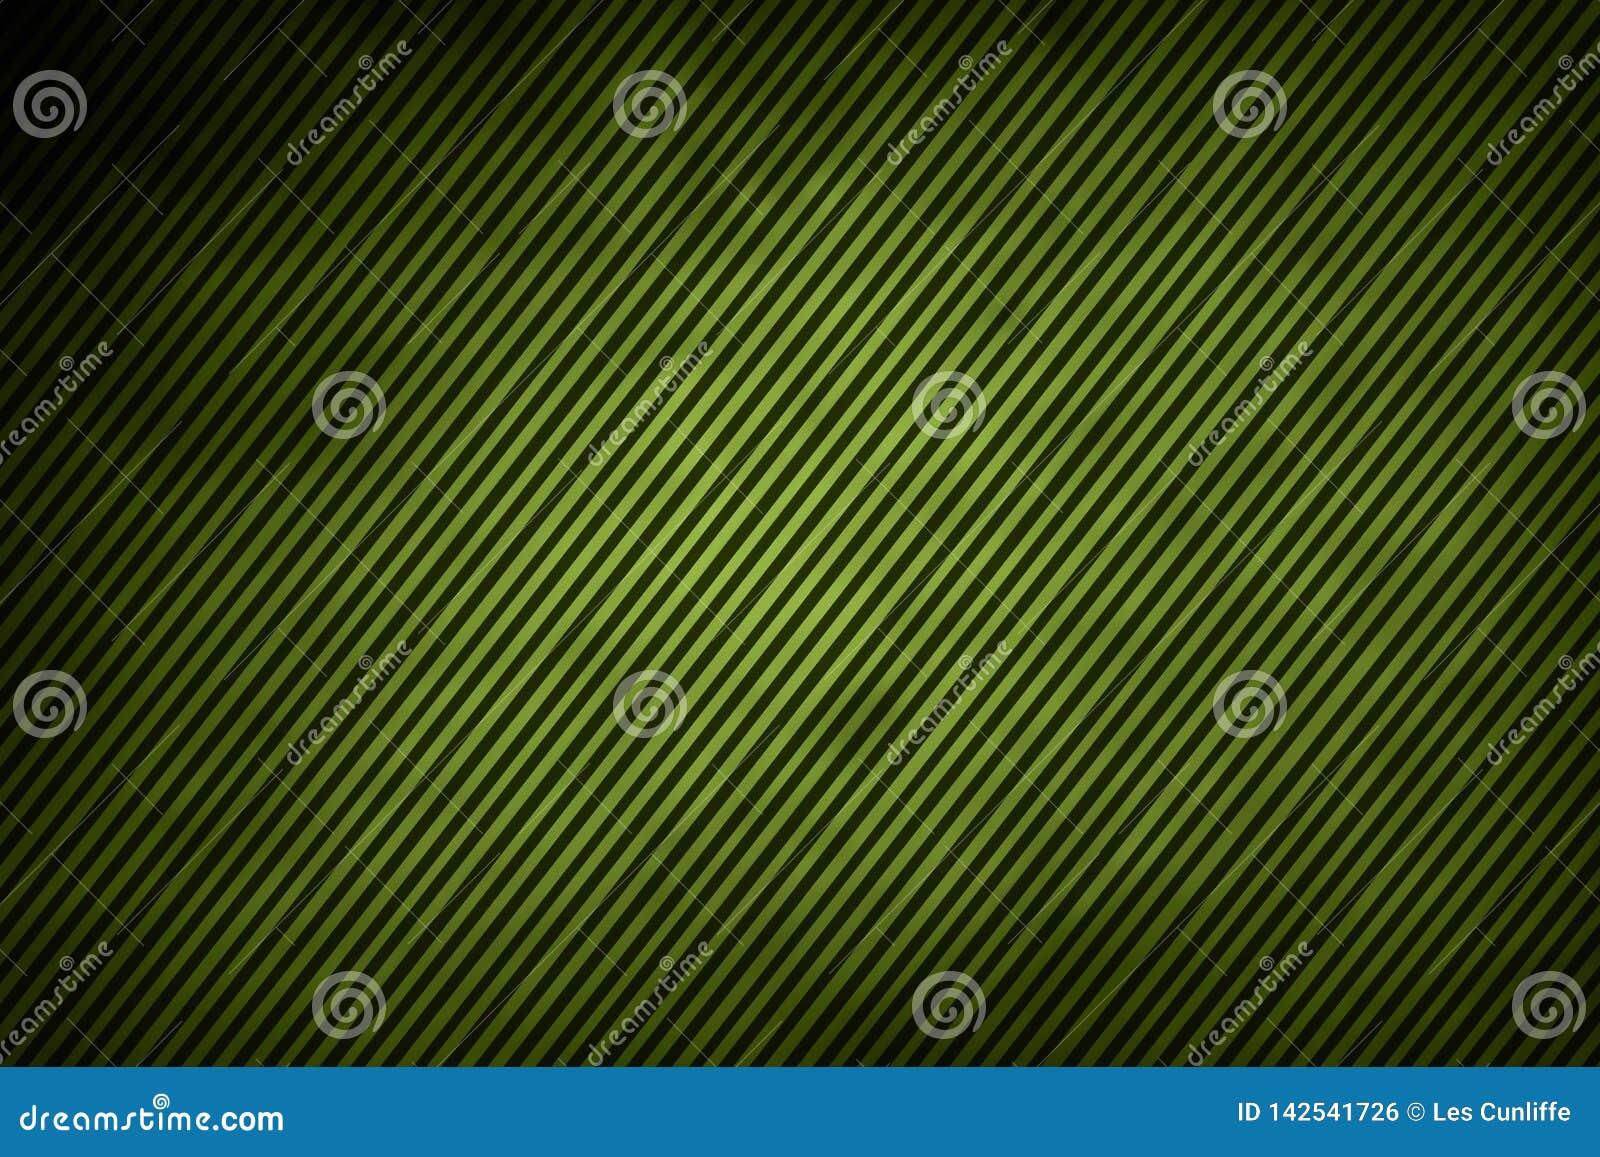 Linien auf Grün